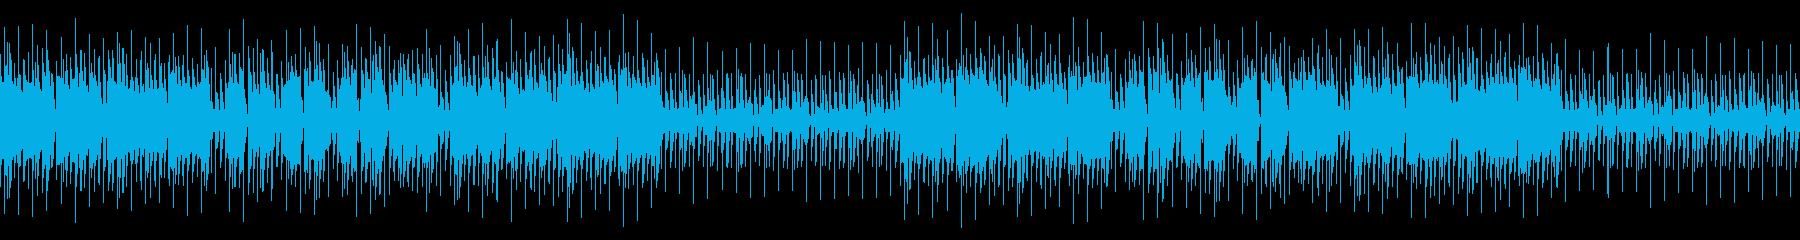 アイリッシュ・ゲーム・ほのぼの日常の再生済みの波形